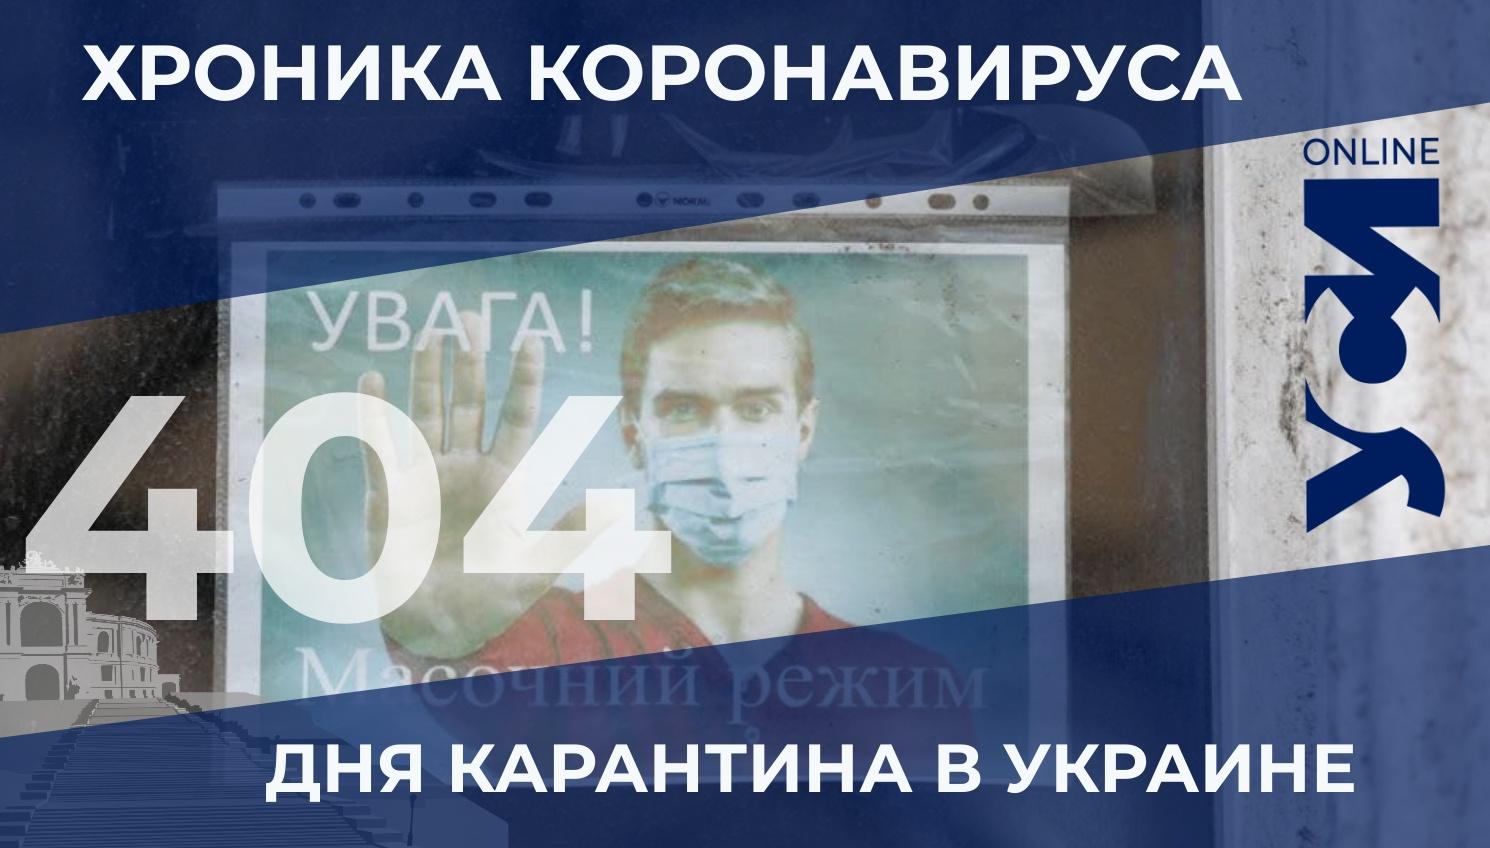 Хроника COVID-19: в Одесской области зарегистрировали 372 новых заболевших «фото»